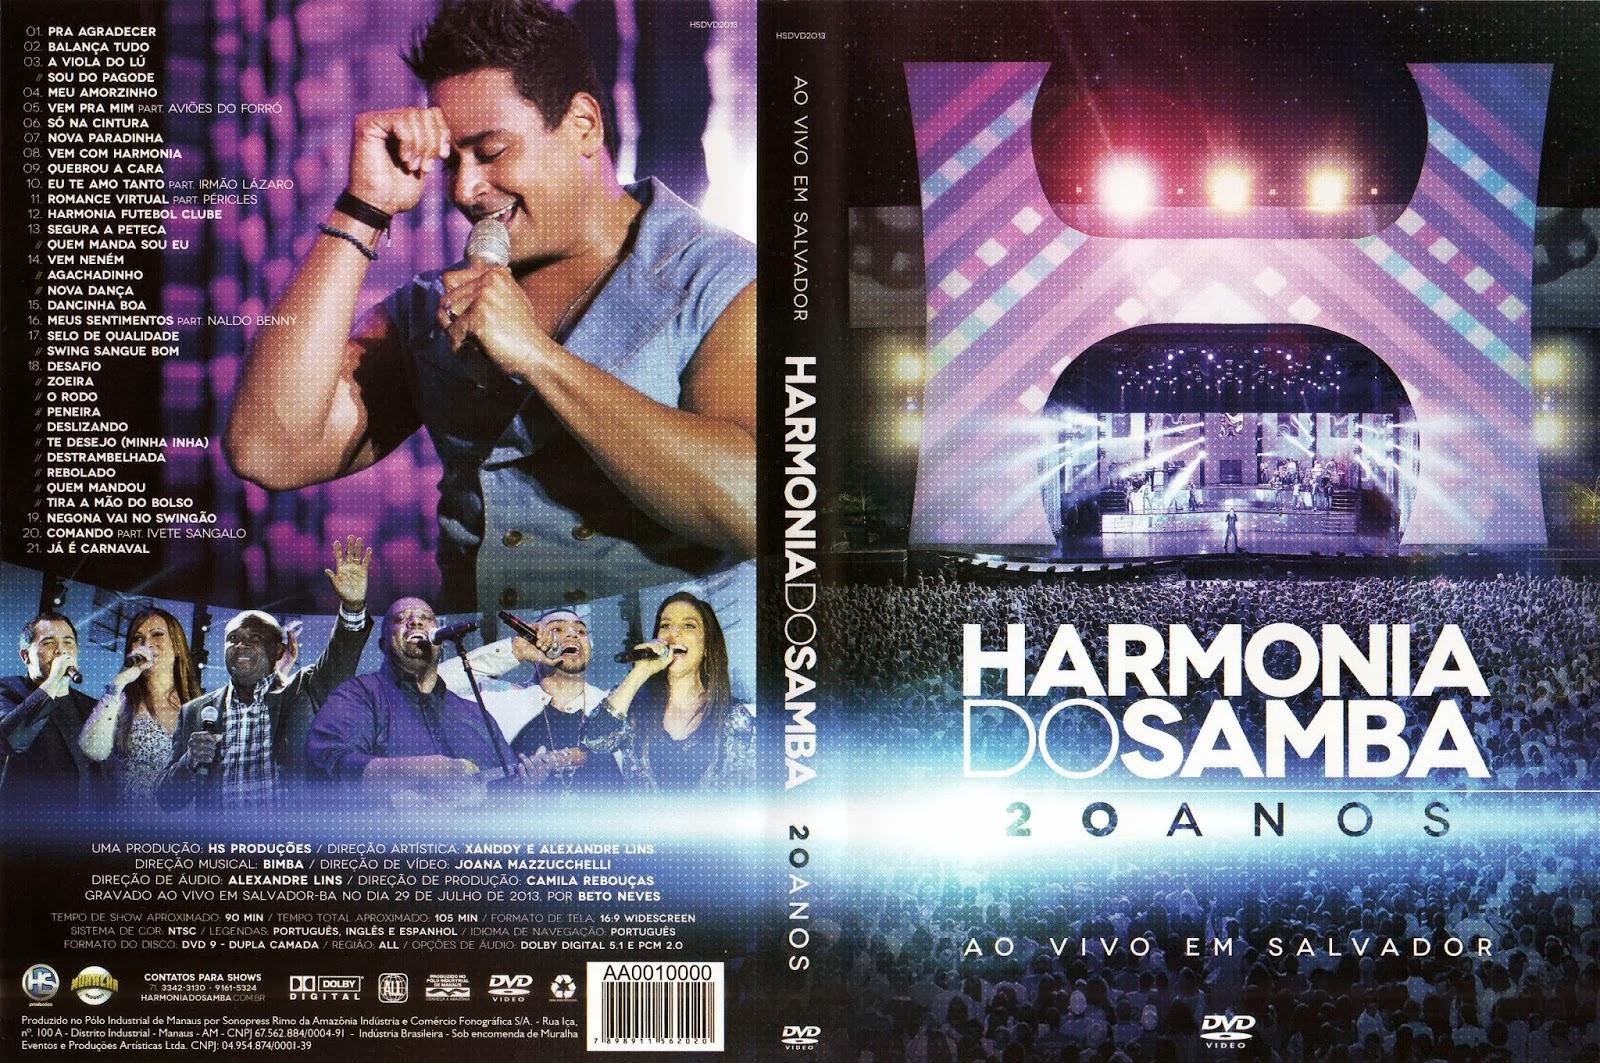 dvd harmonia do samba em manaus para